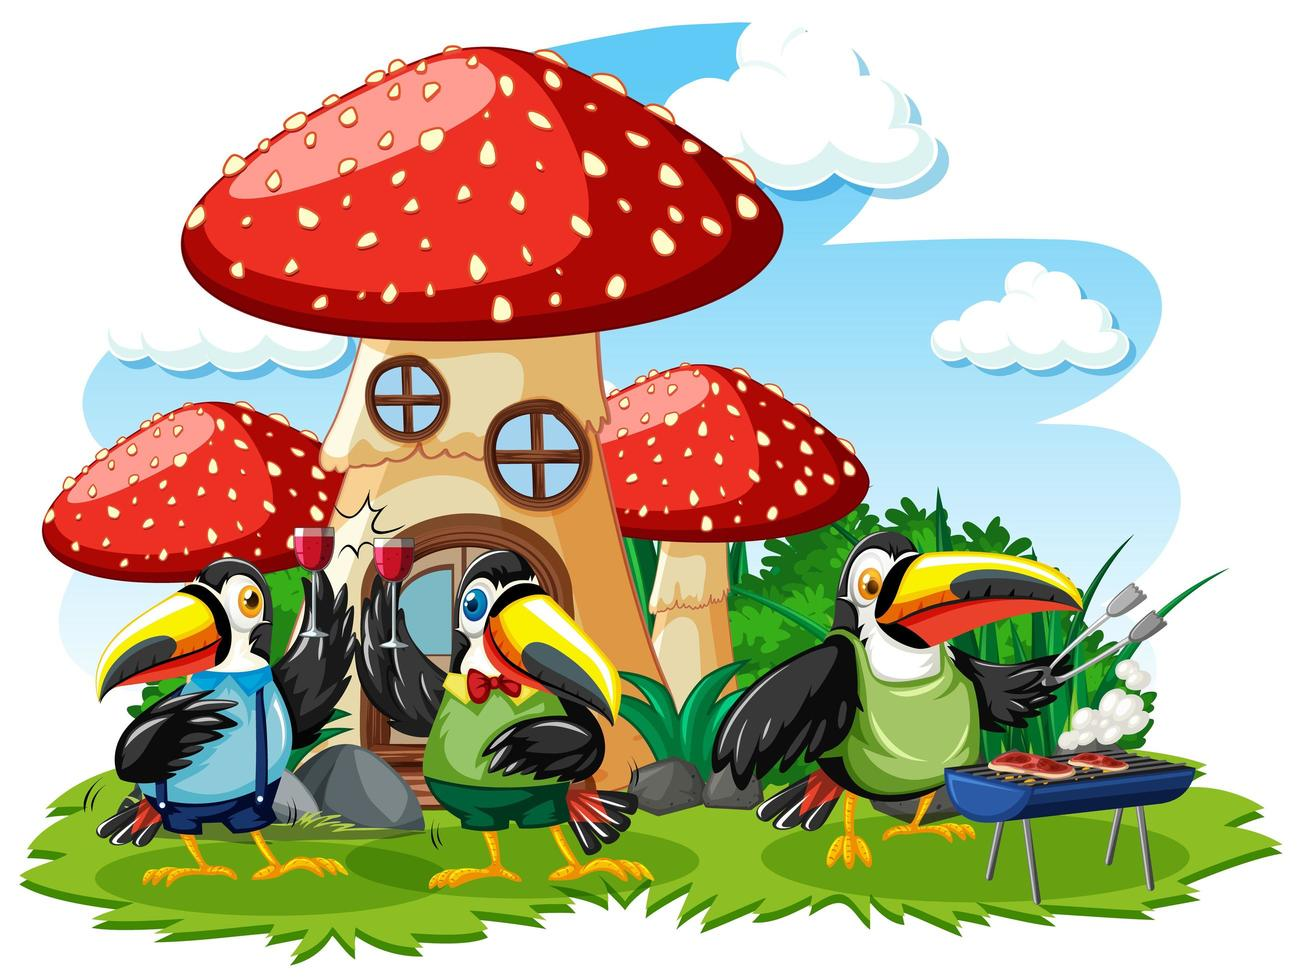 casa dei funghi con tre uccelli in stile cartone animato vettore